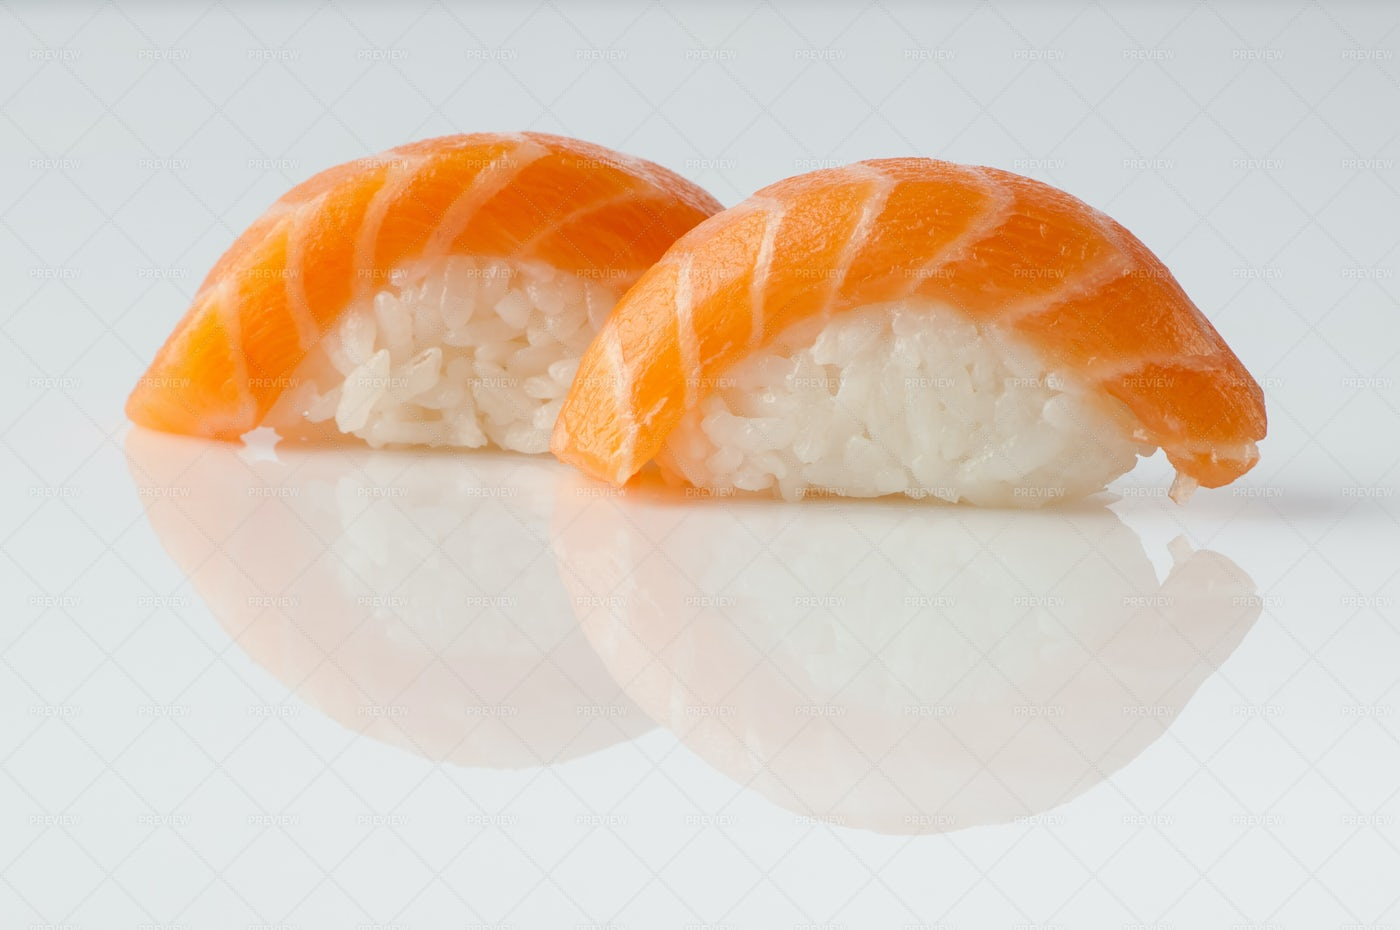 Sushi On White: Stock Photos